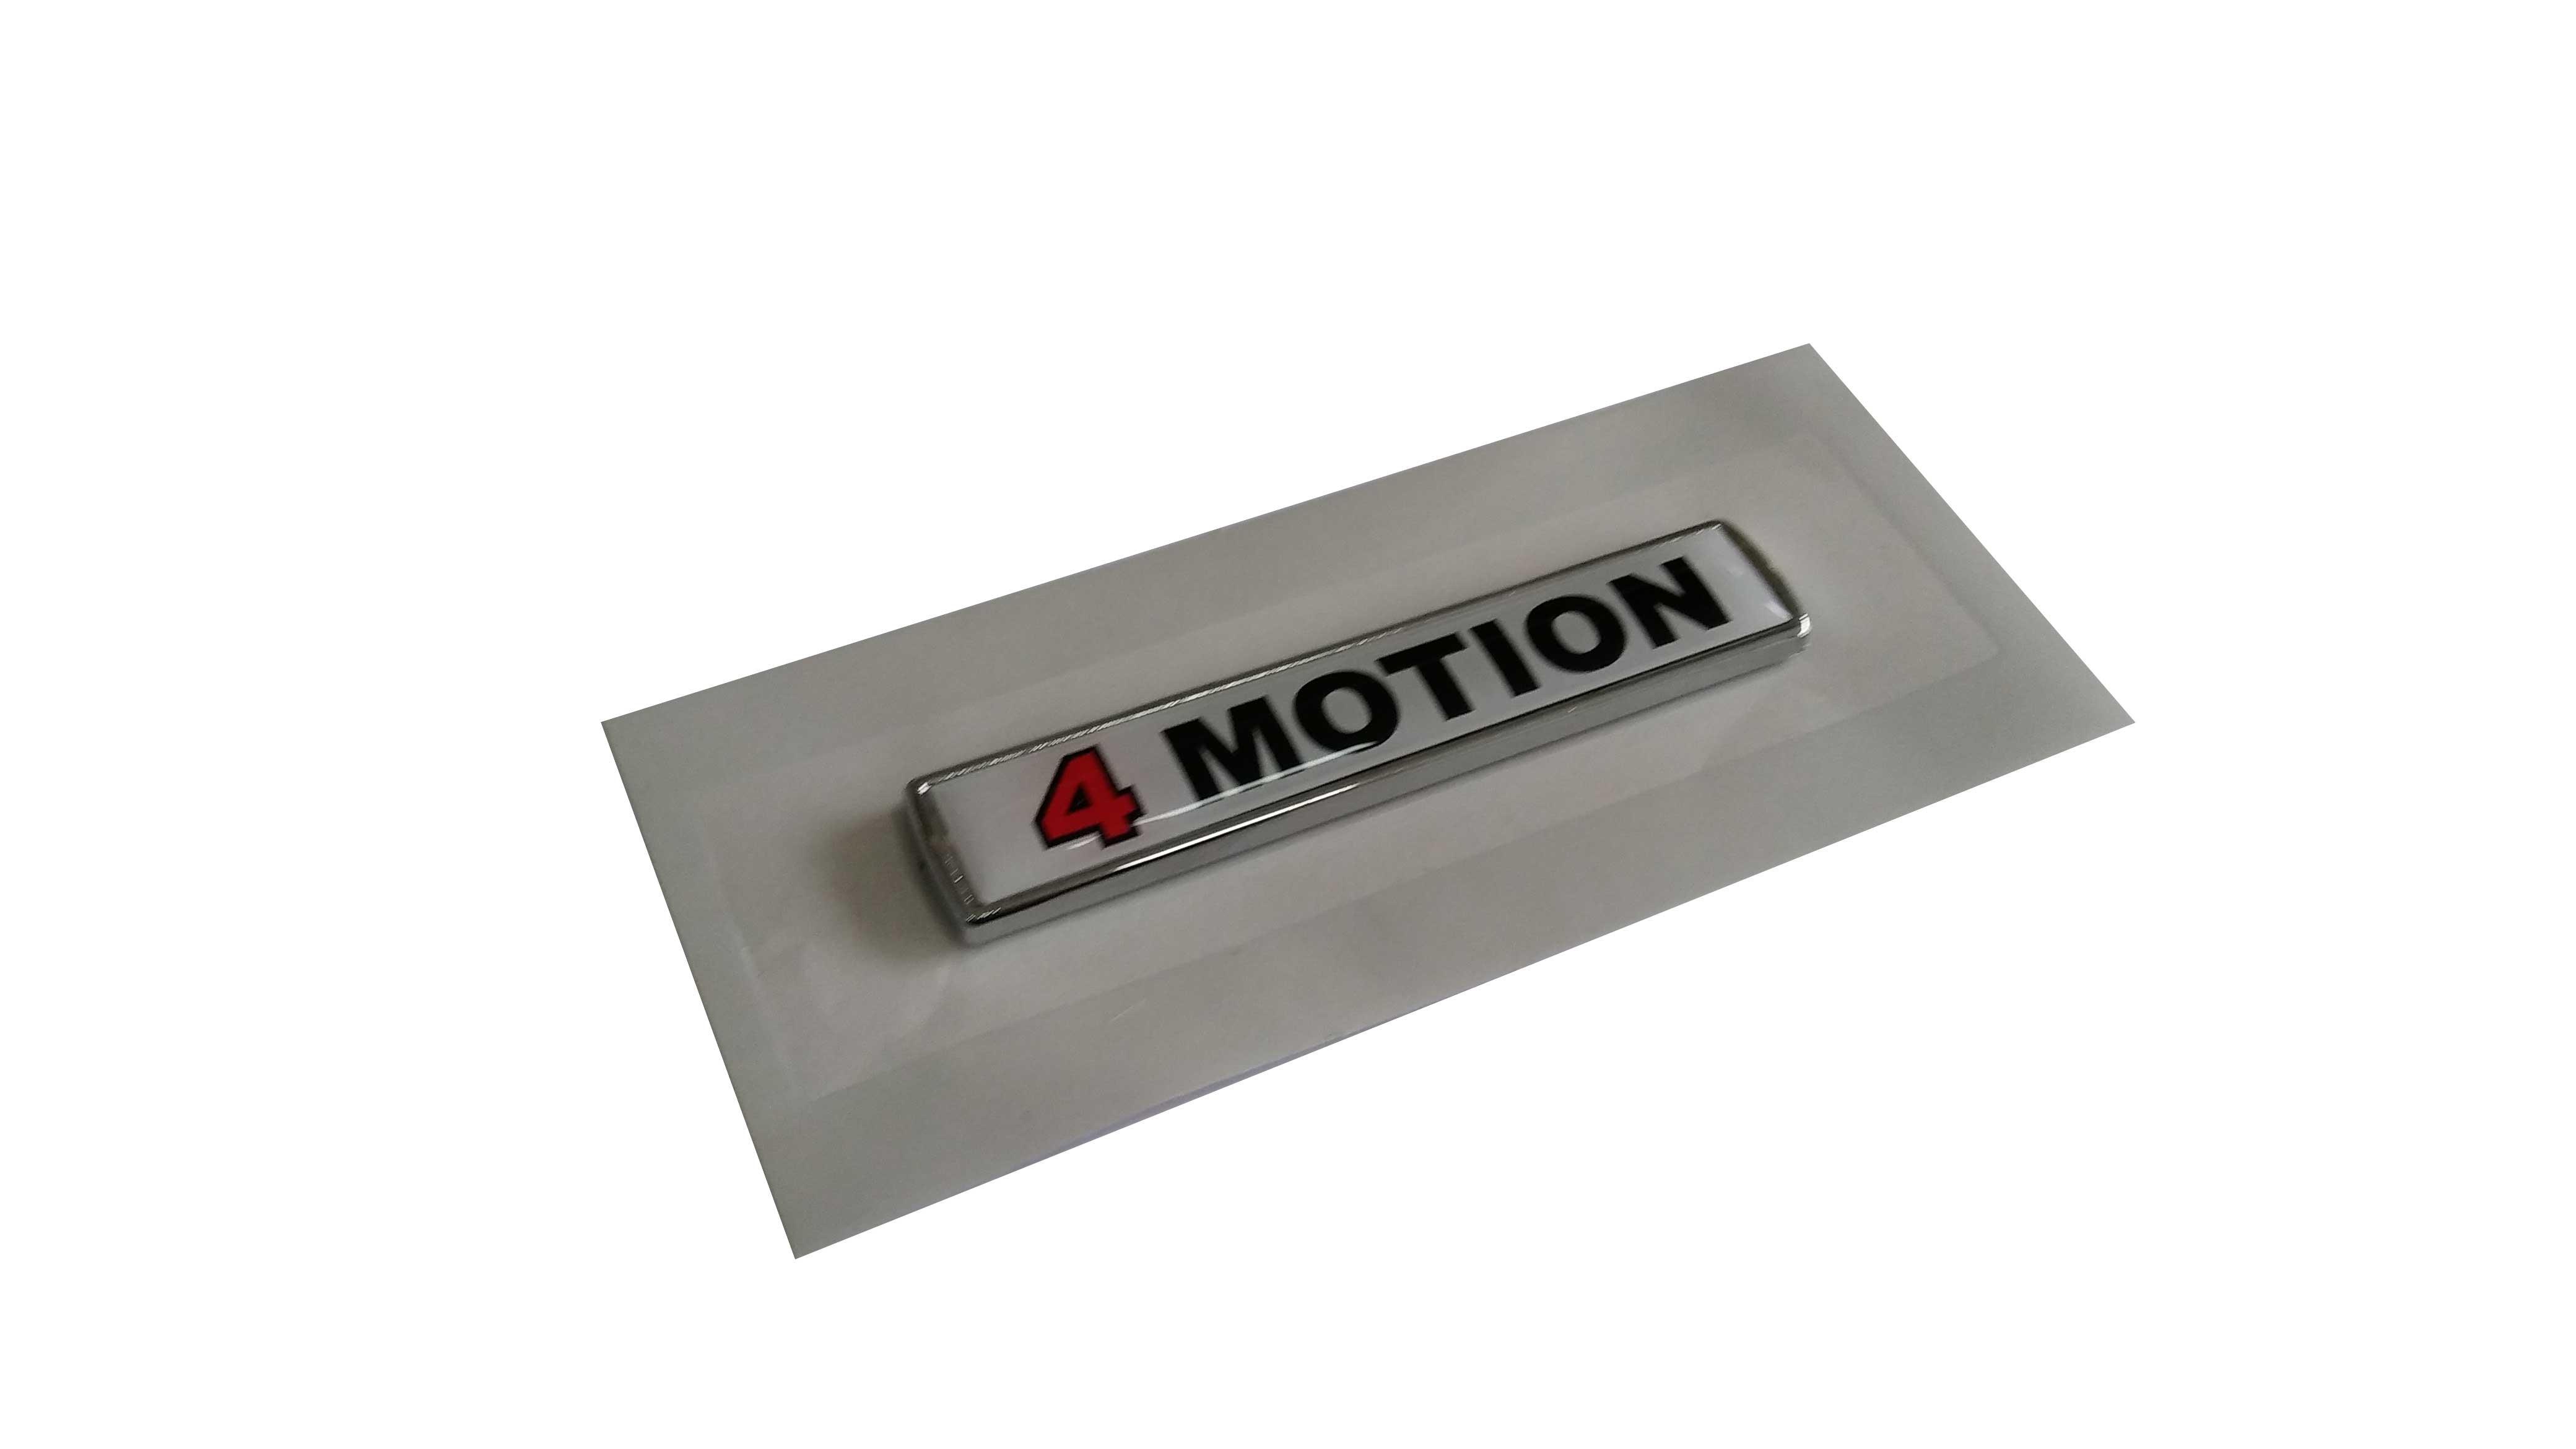 4 Motion Yazı  - Audi Modelleri